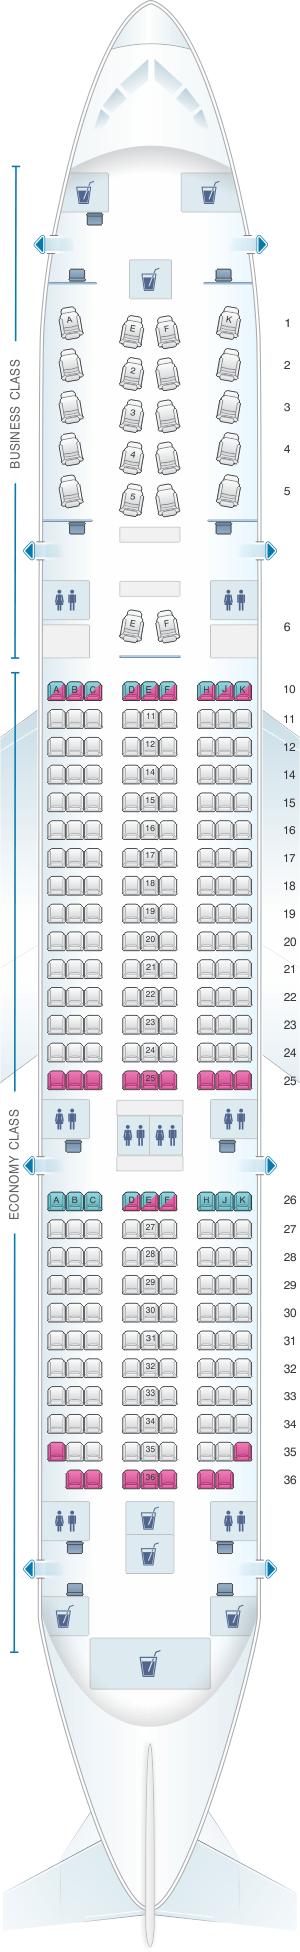 Seat Map For Qatar Airways Boeing B787 Dreamliner 254pax